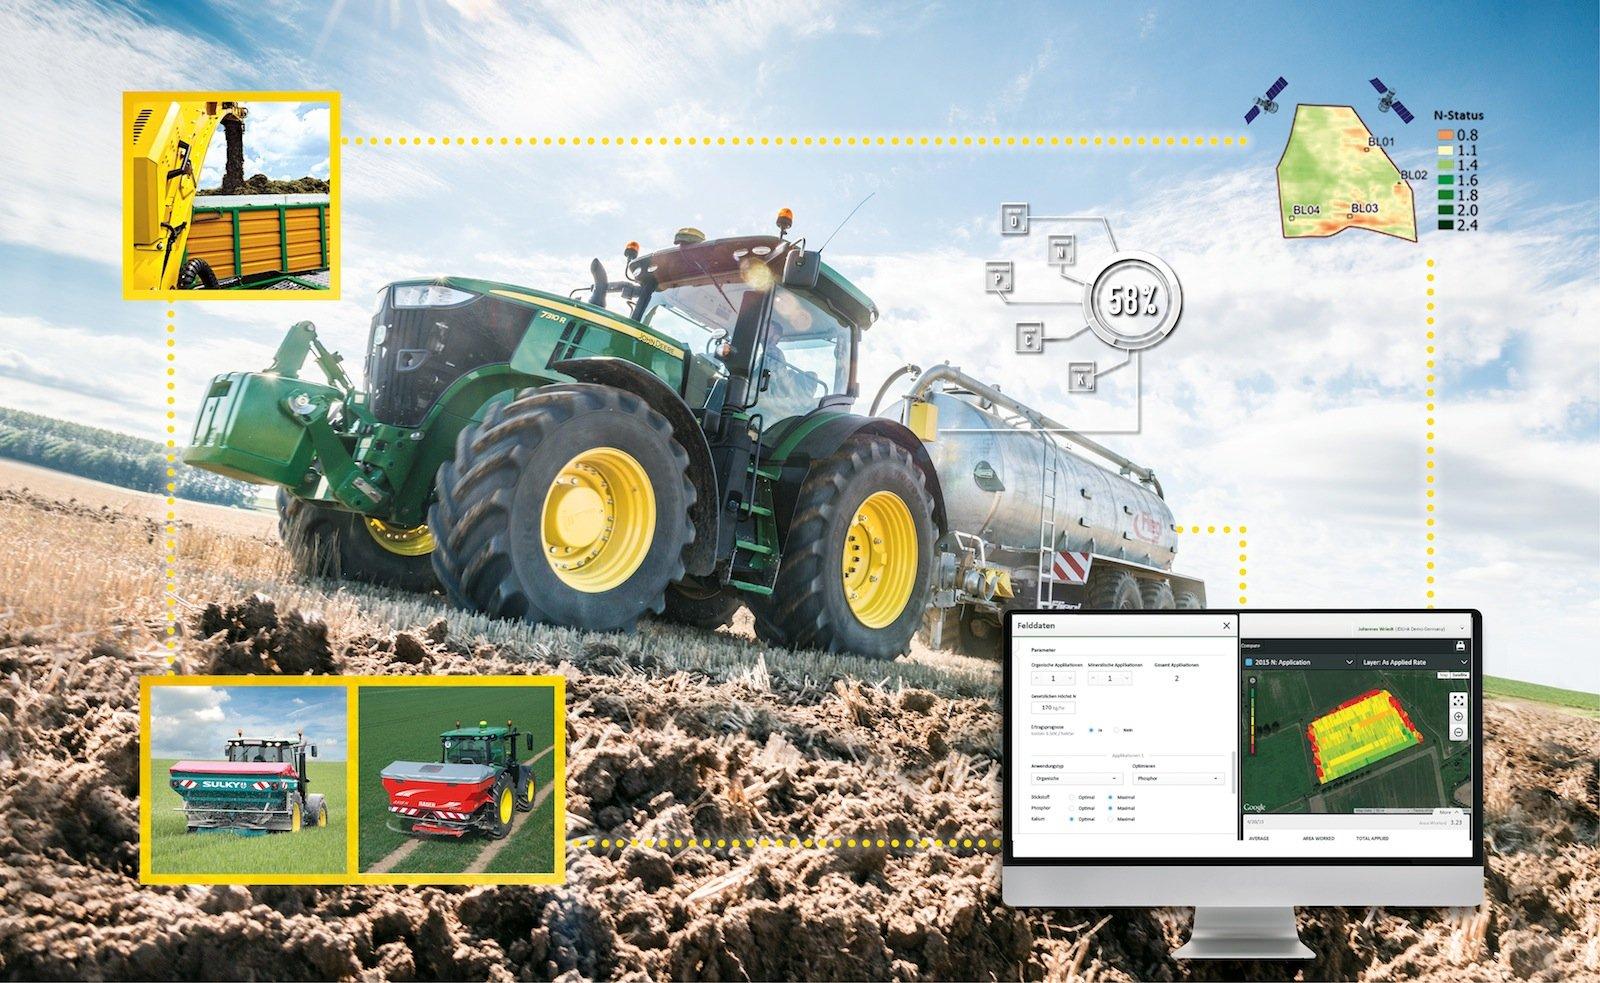 Mit dem iTec AutoLearn von John Deere lernt der Traktor immer dazu, merkt sich wiederholte Manöver und schlägt vor, diese zu automatisieren.